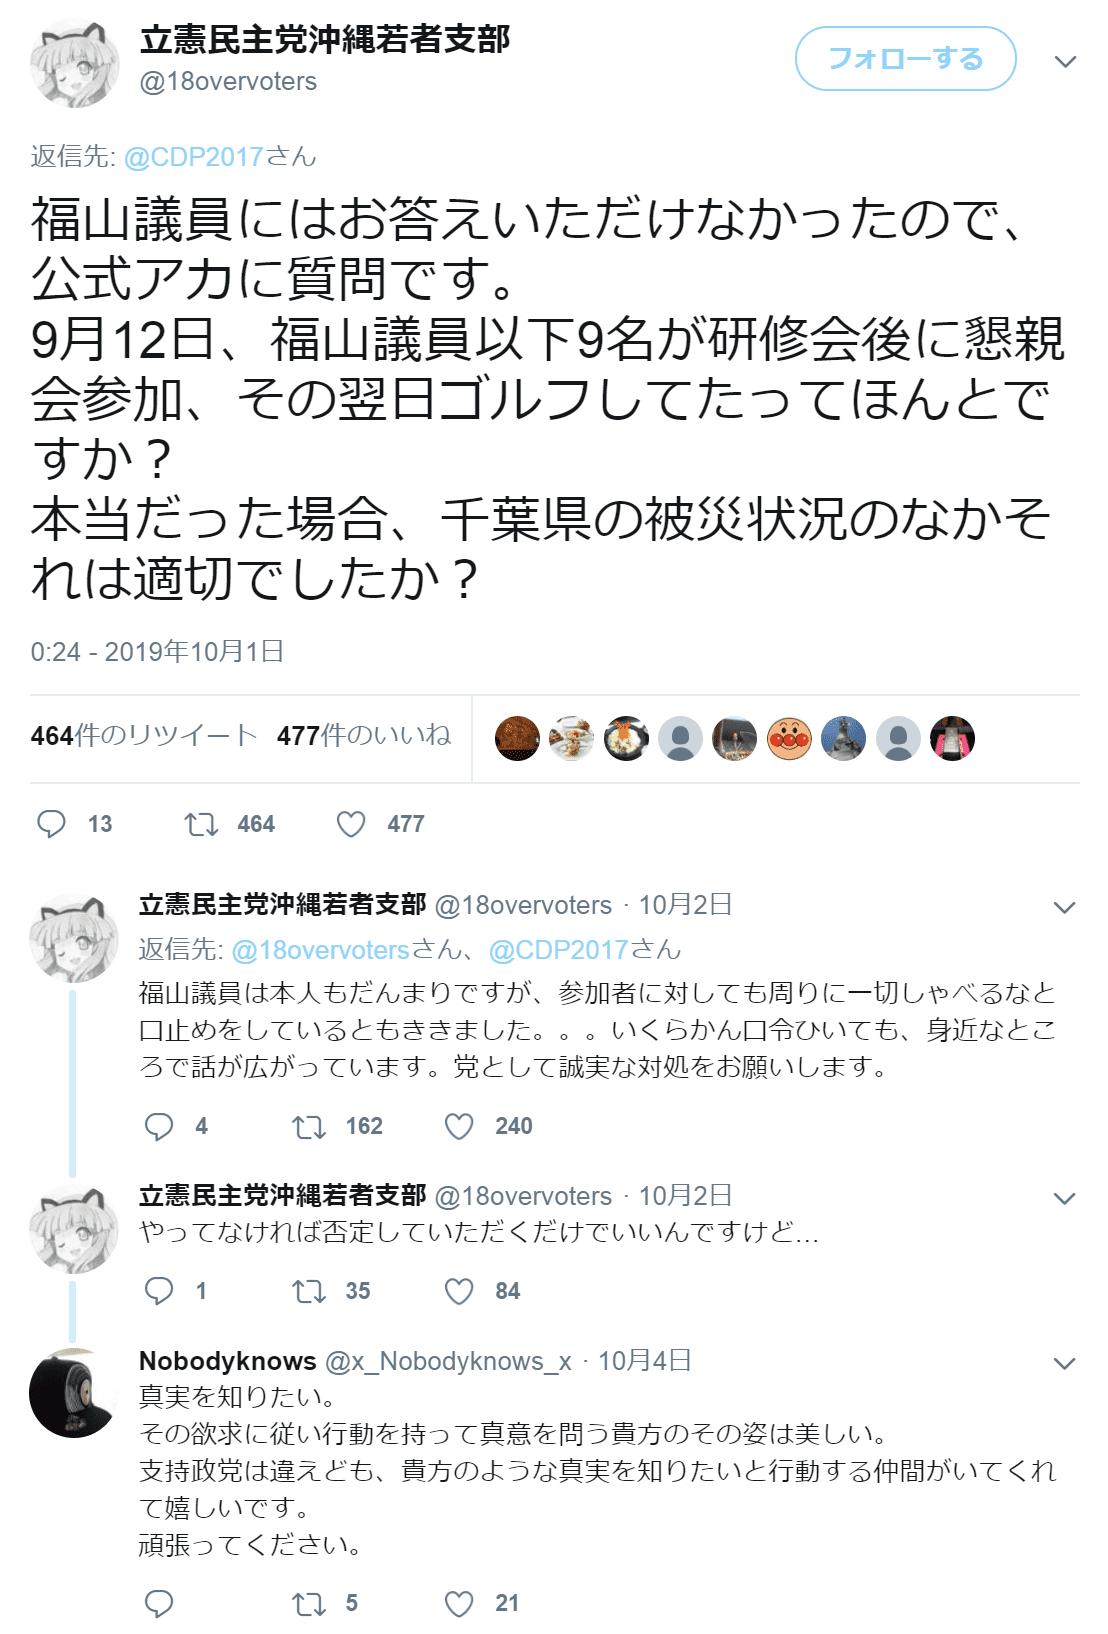 利権ミンス支持者が陳哲郎に公開質問